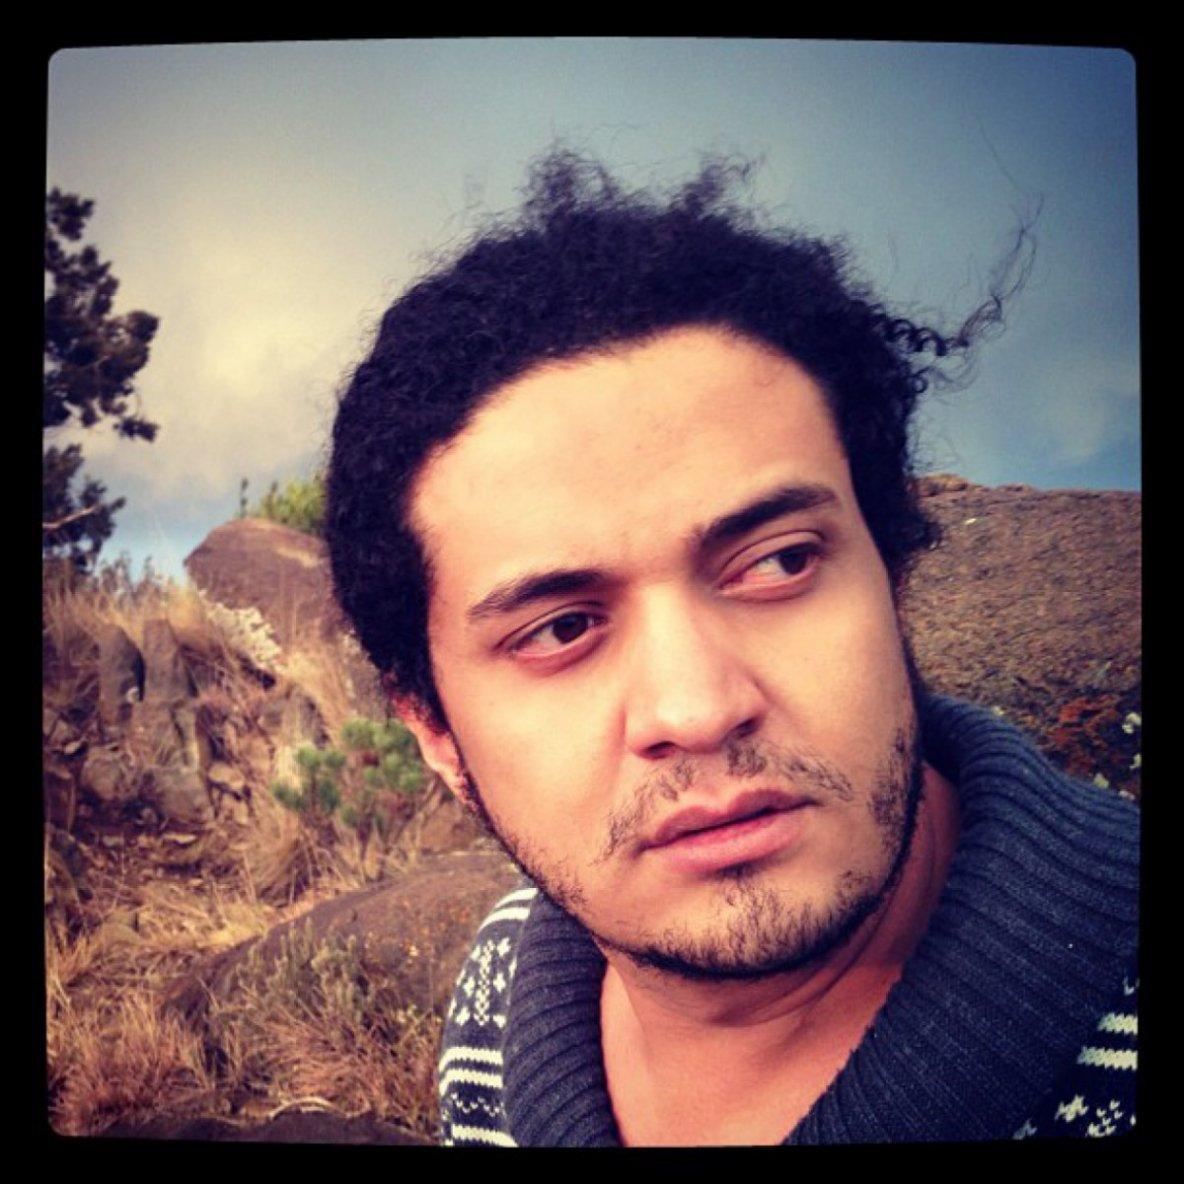 Le temps d'une soirée et d'un débat, des écrivains belges et étrangers rendent hommage à leur collègue emprisonné, le poète palestino-saoudien Ashraf Fayadh,